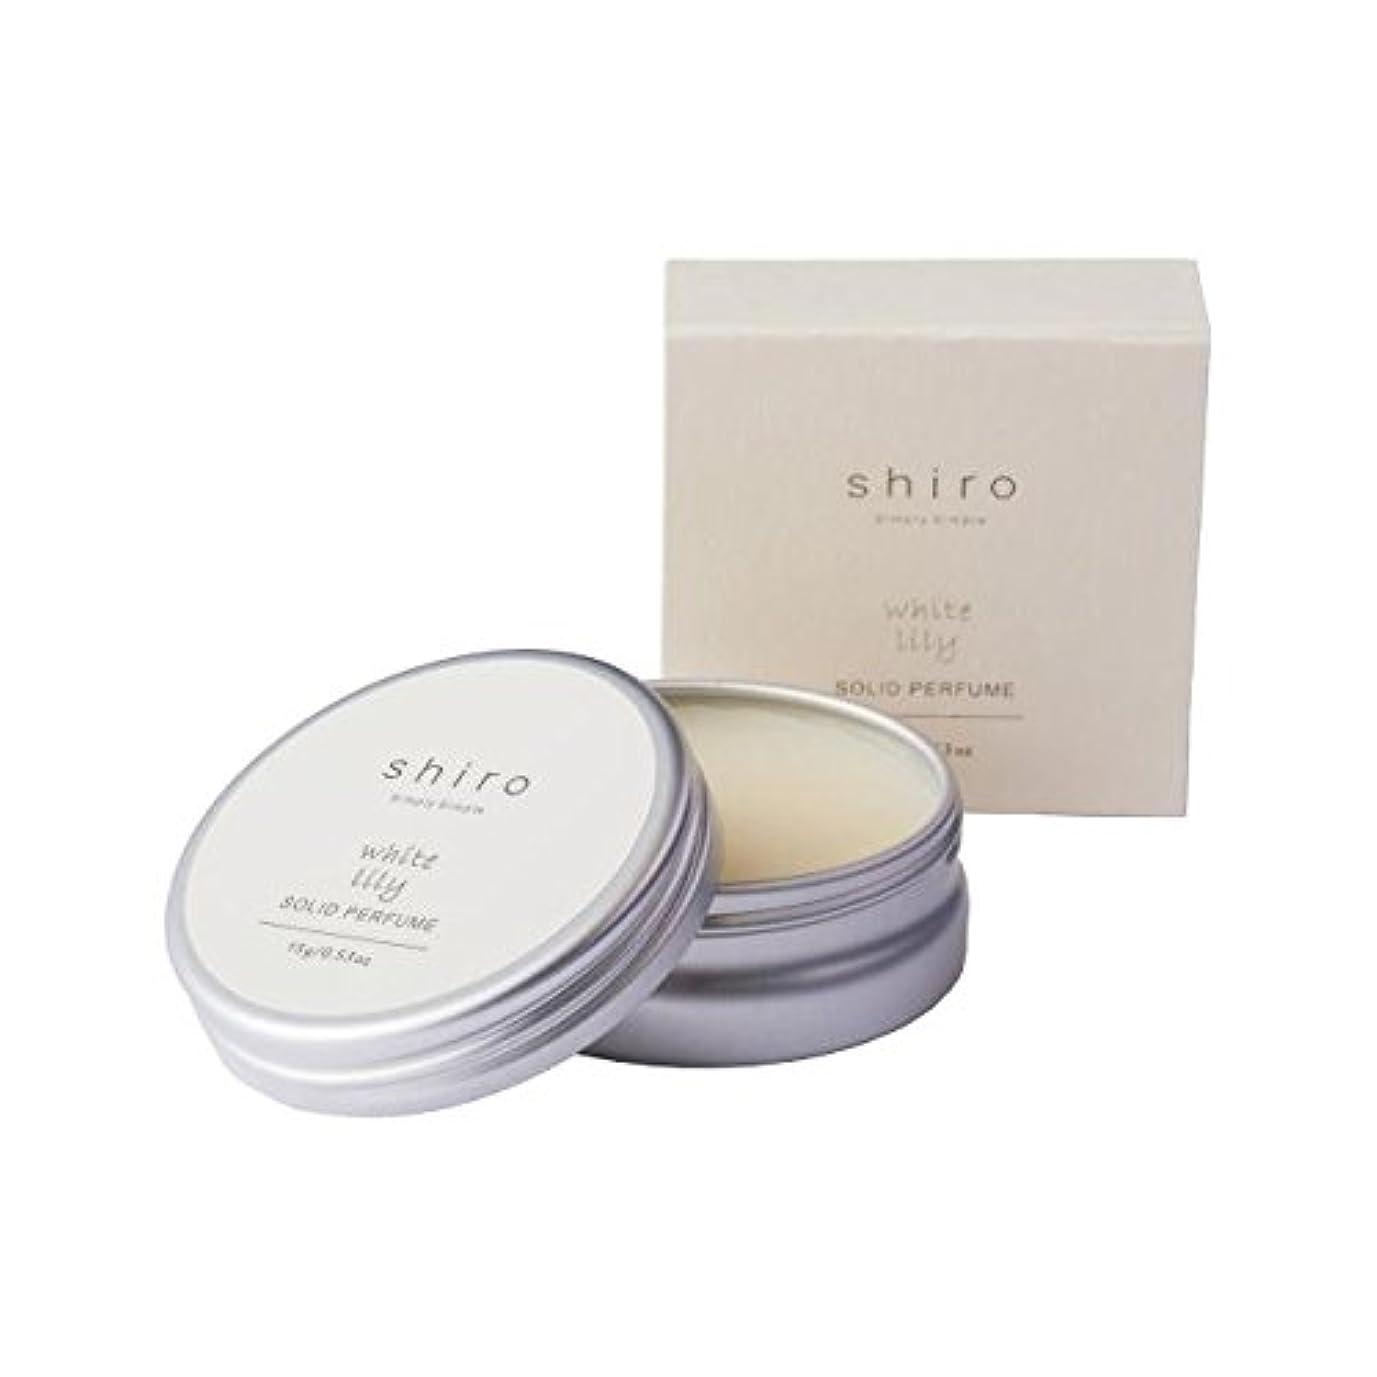 フェード好色なモナリザshiro ホワイトリリー シャンプーのような香り すっきりと清潔感 練り香水 シロ 固形タイプ フレグランス 保湿成分 指先の保湿ケア